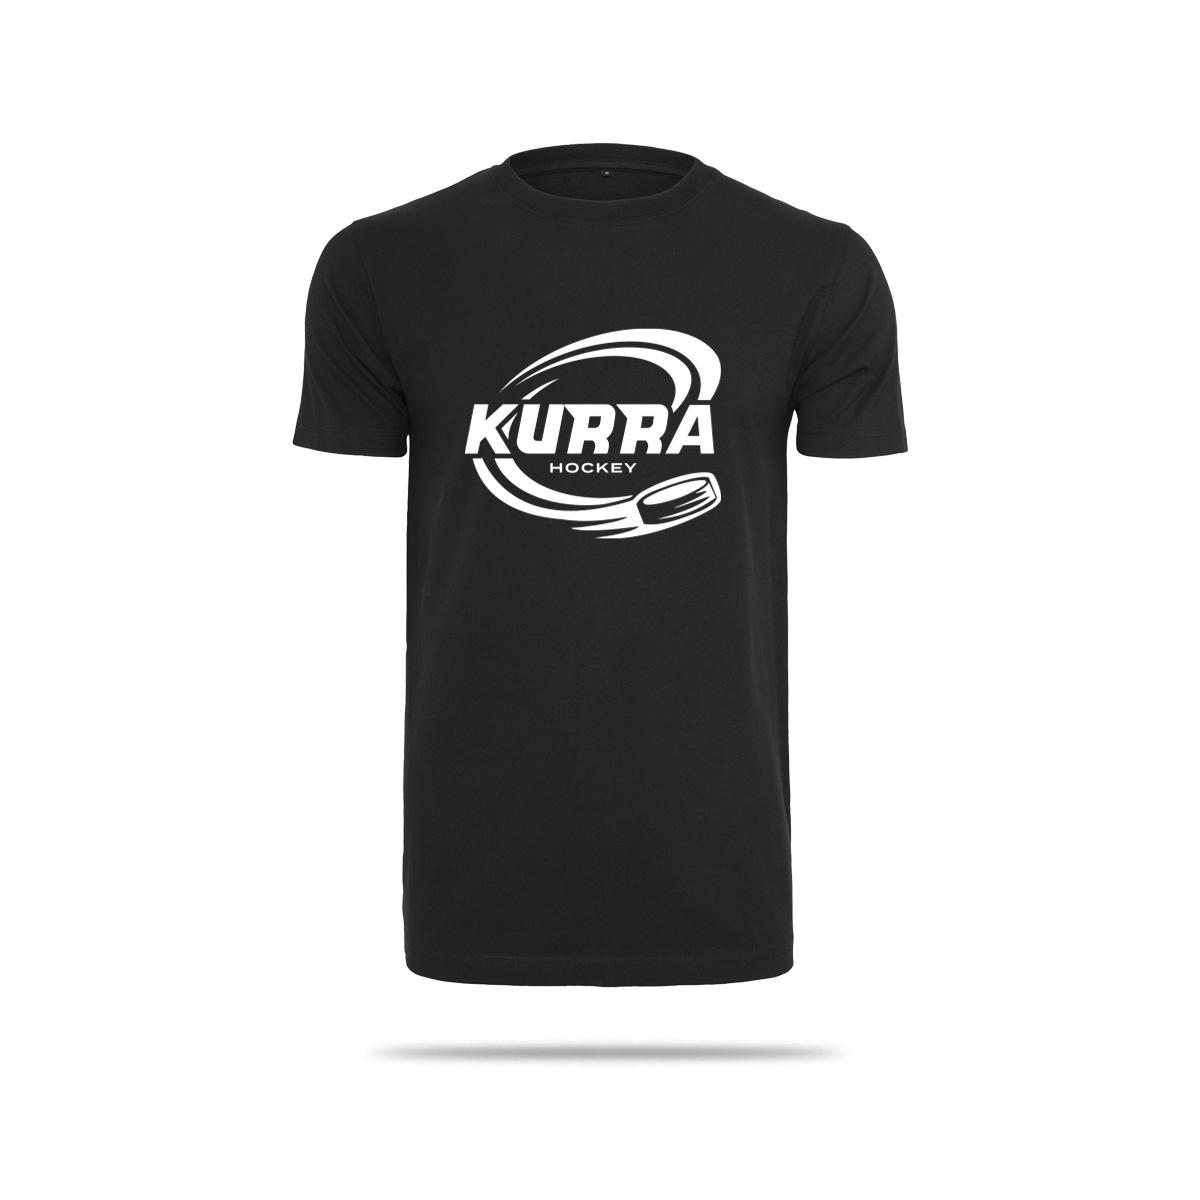 Kurra-Mono-6005-musta